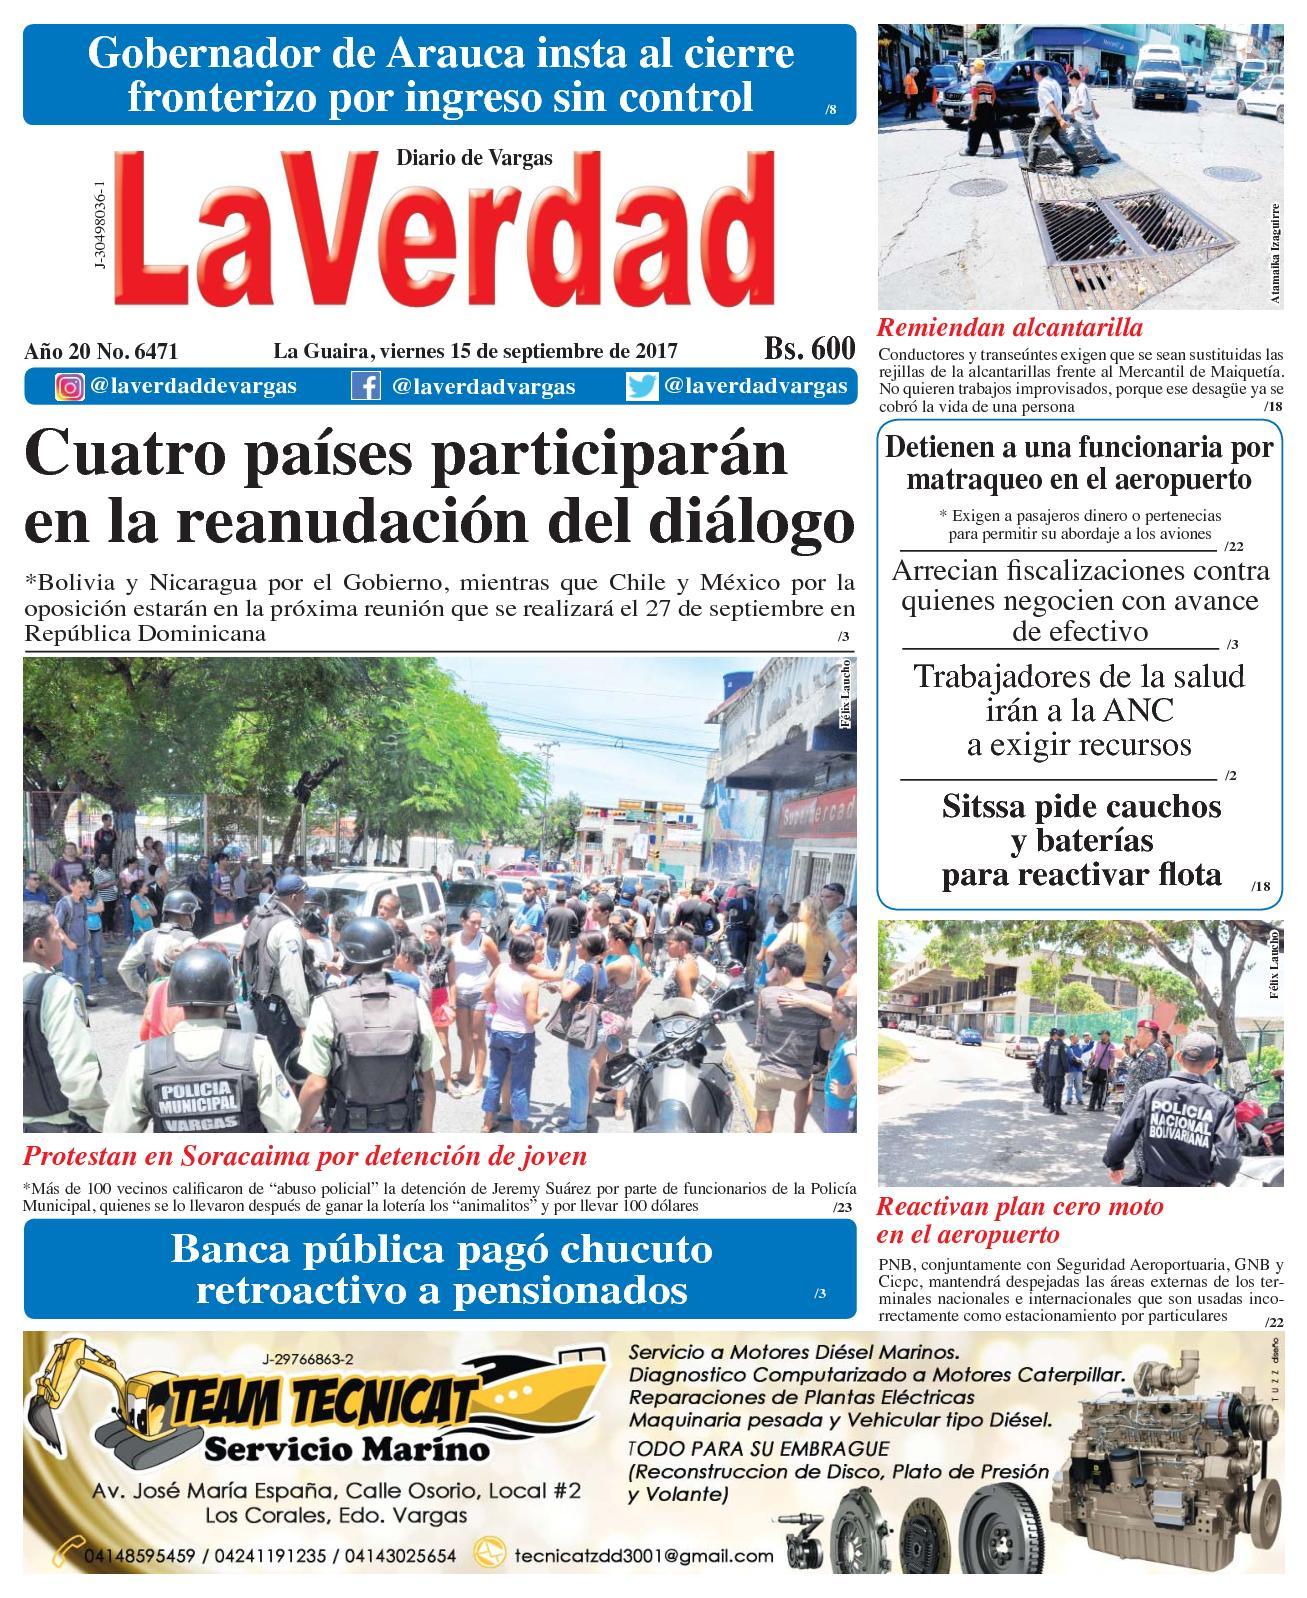 Calaméo - La Guaira, viernes 15 de septiembre de 2017. Año 20 No. 6471